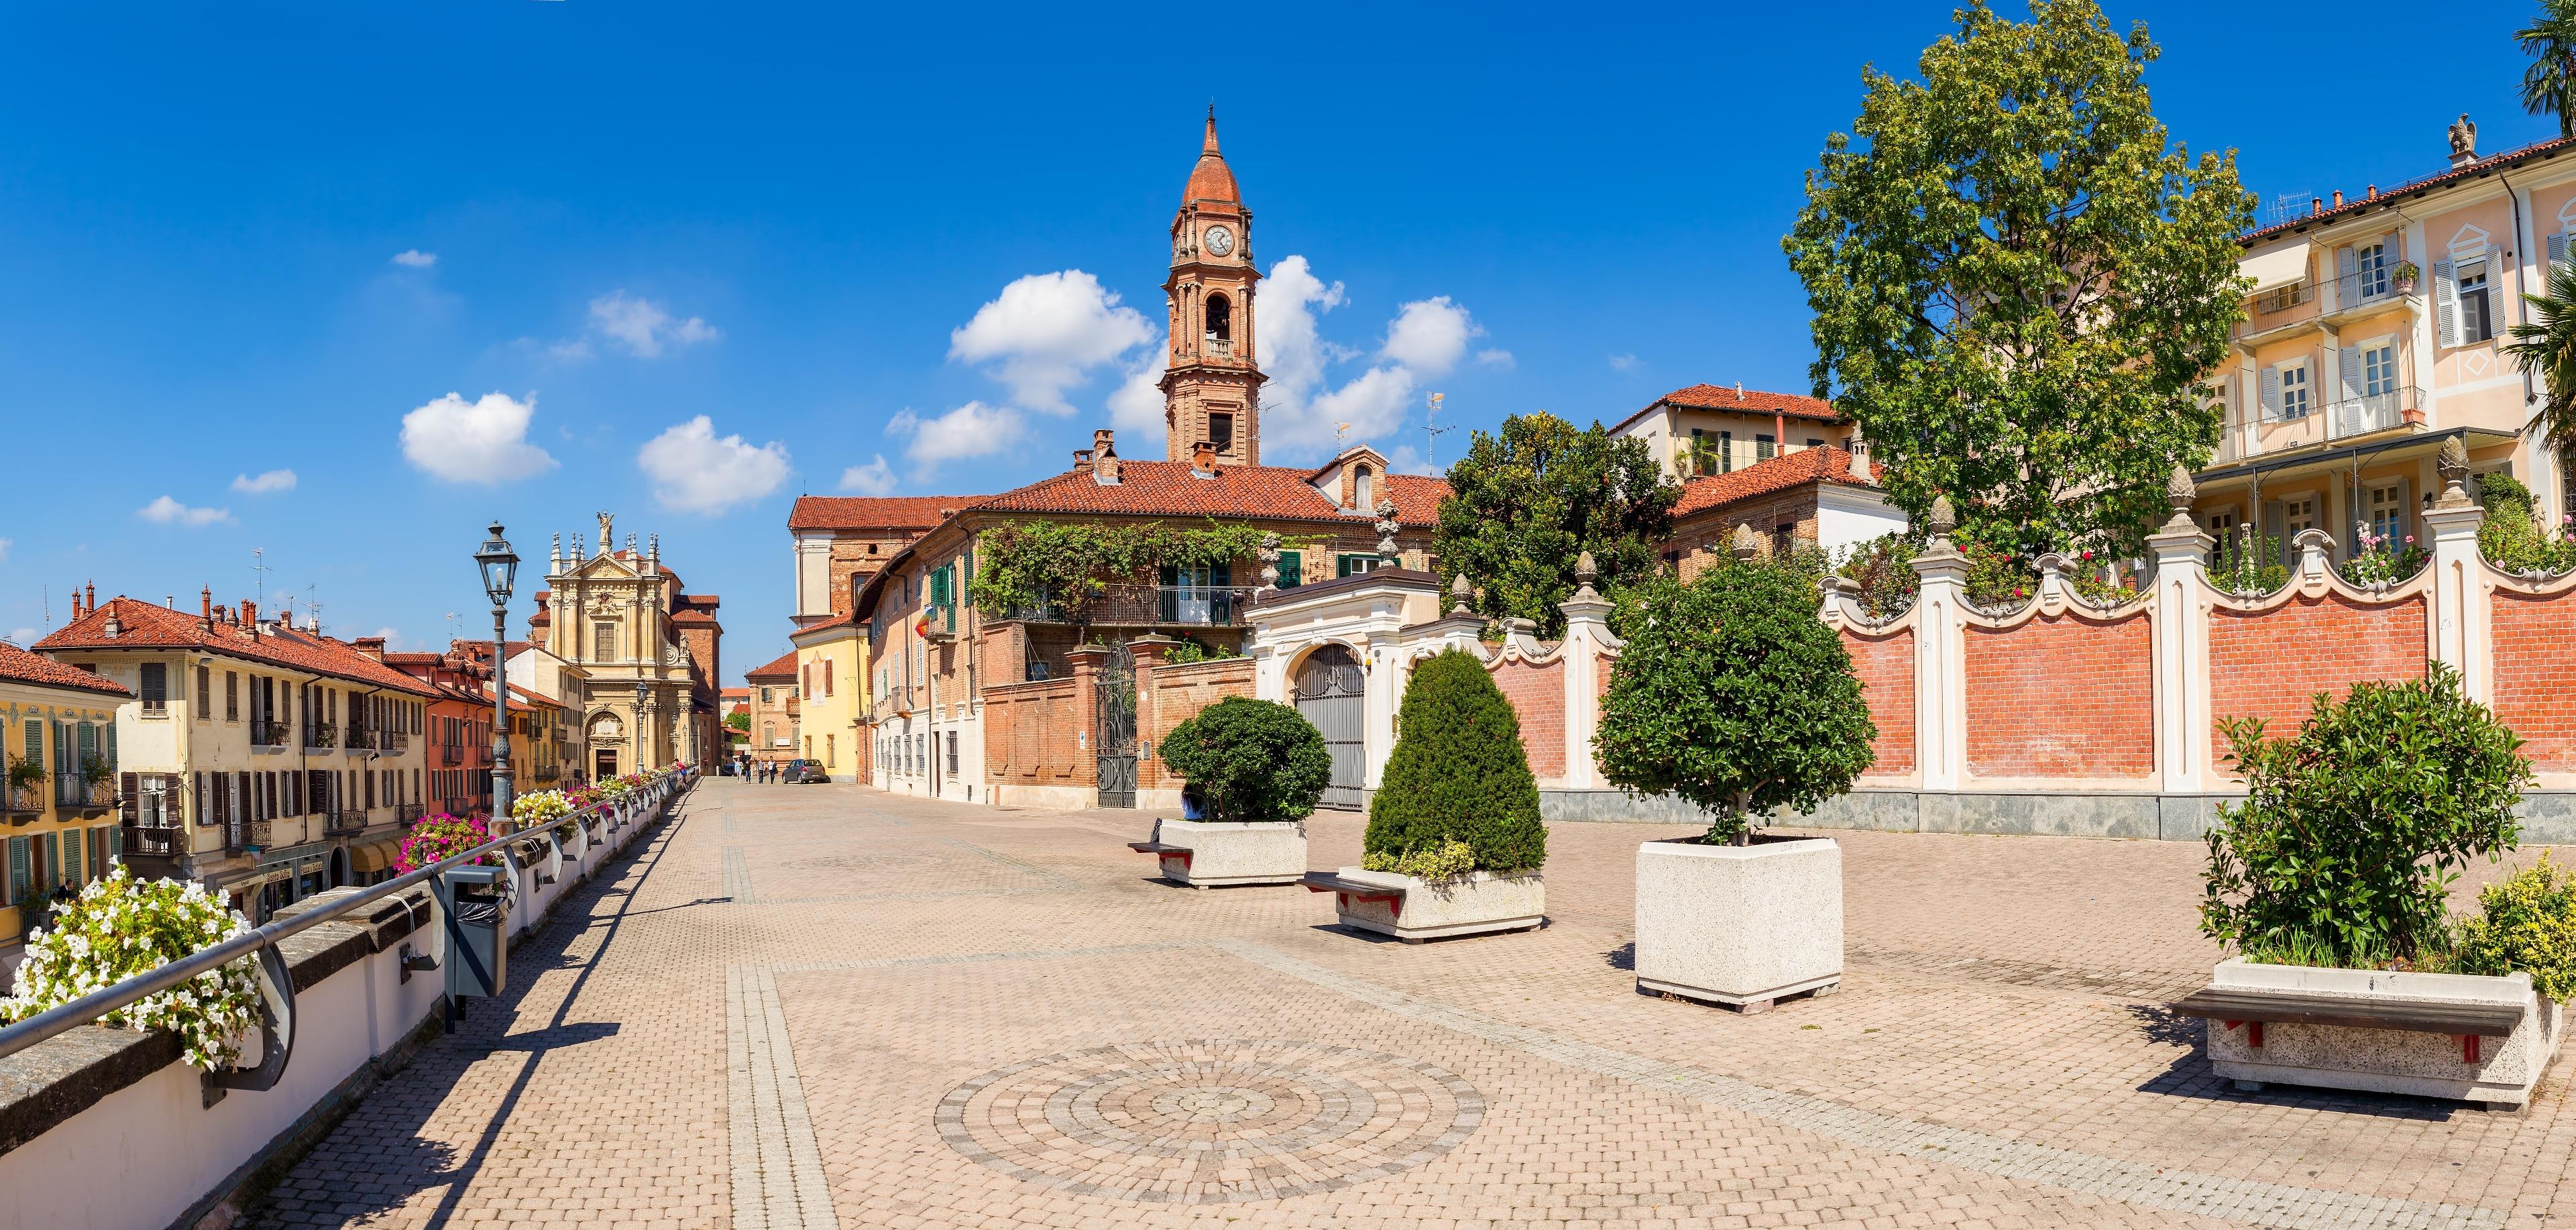 Cuneo (província), Piemonte, Itália